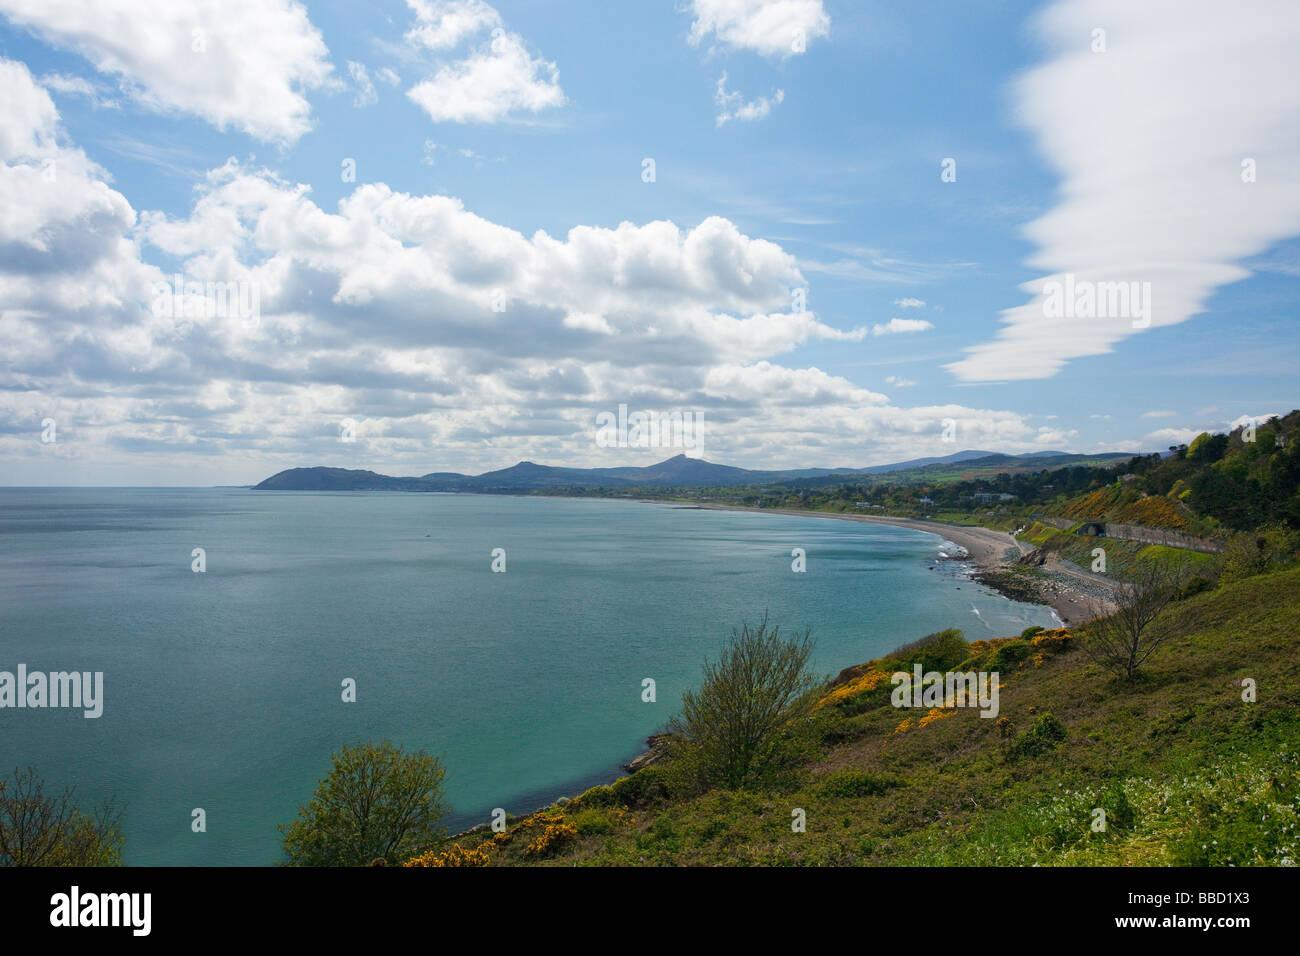 La Bahía de Dublín, mirando al sur de Bray Irlanda Irlanda, República de Irlanda Foto de stock